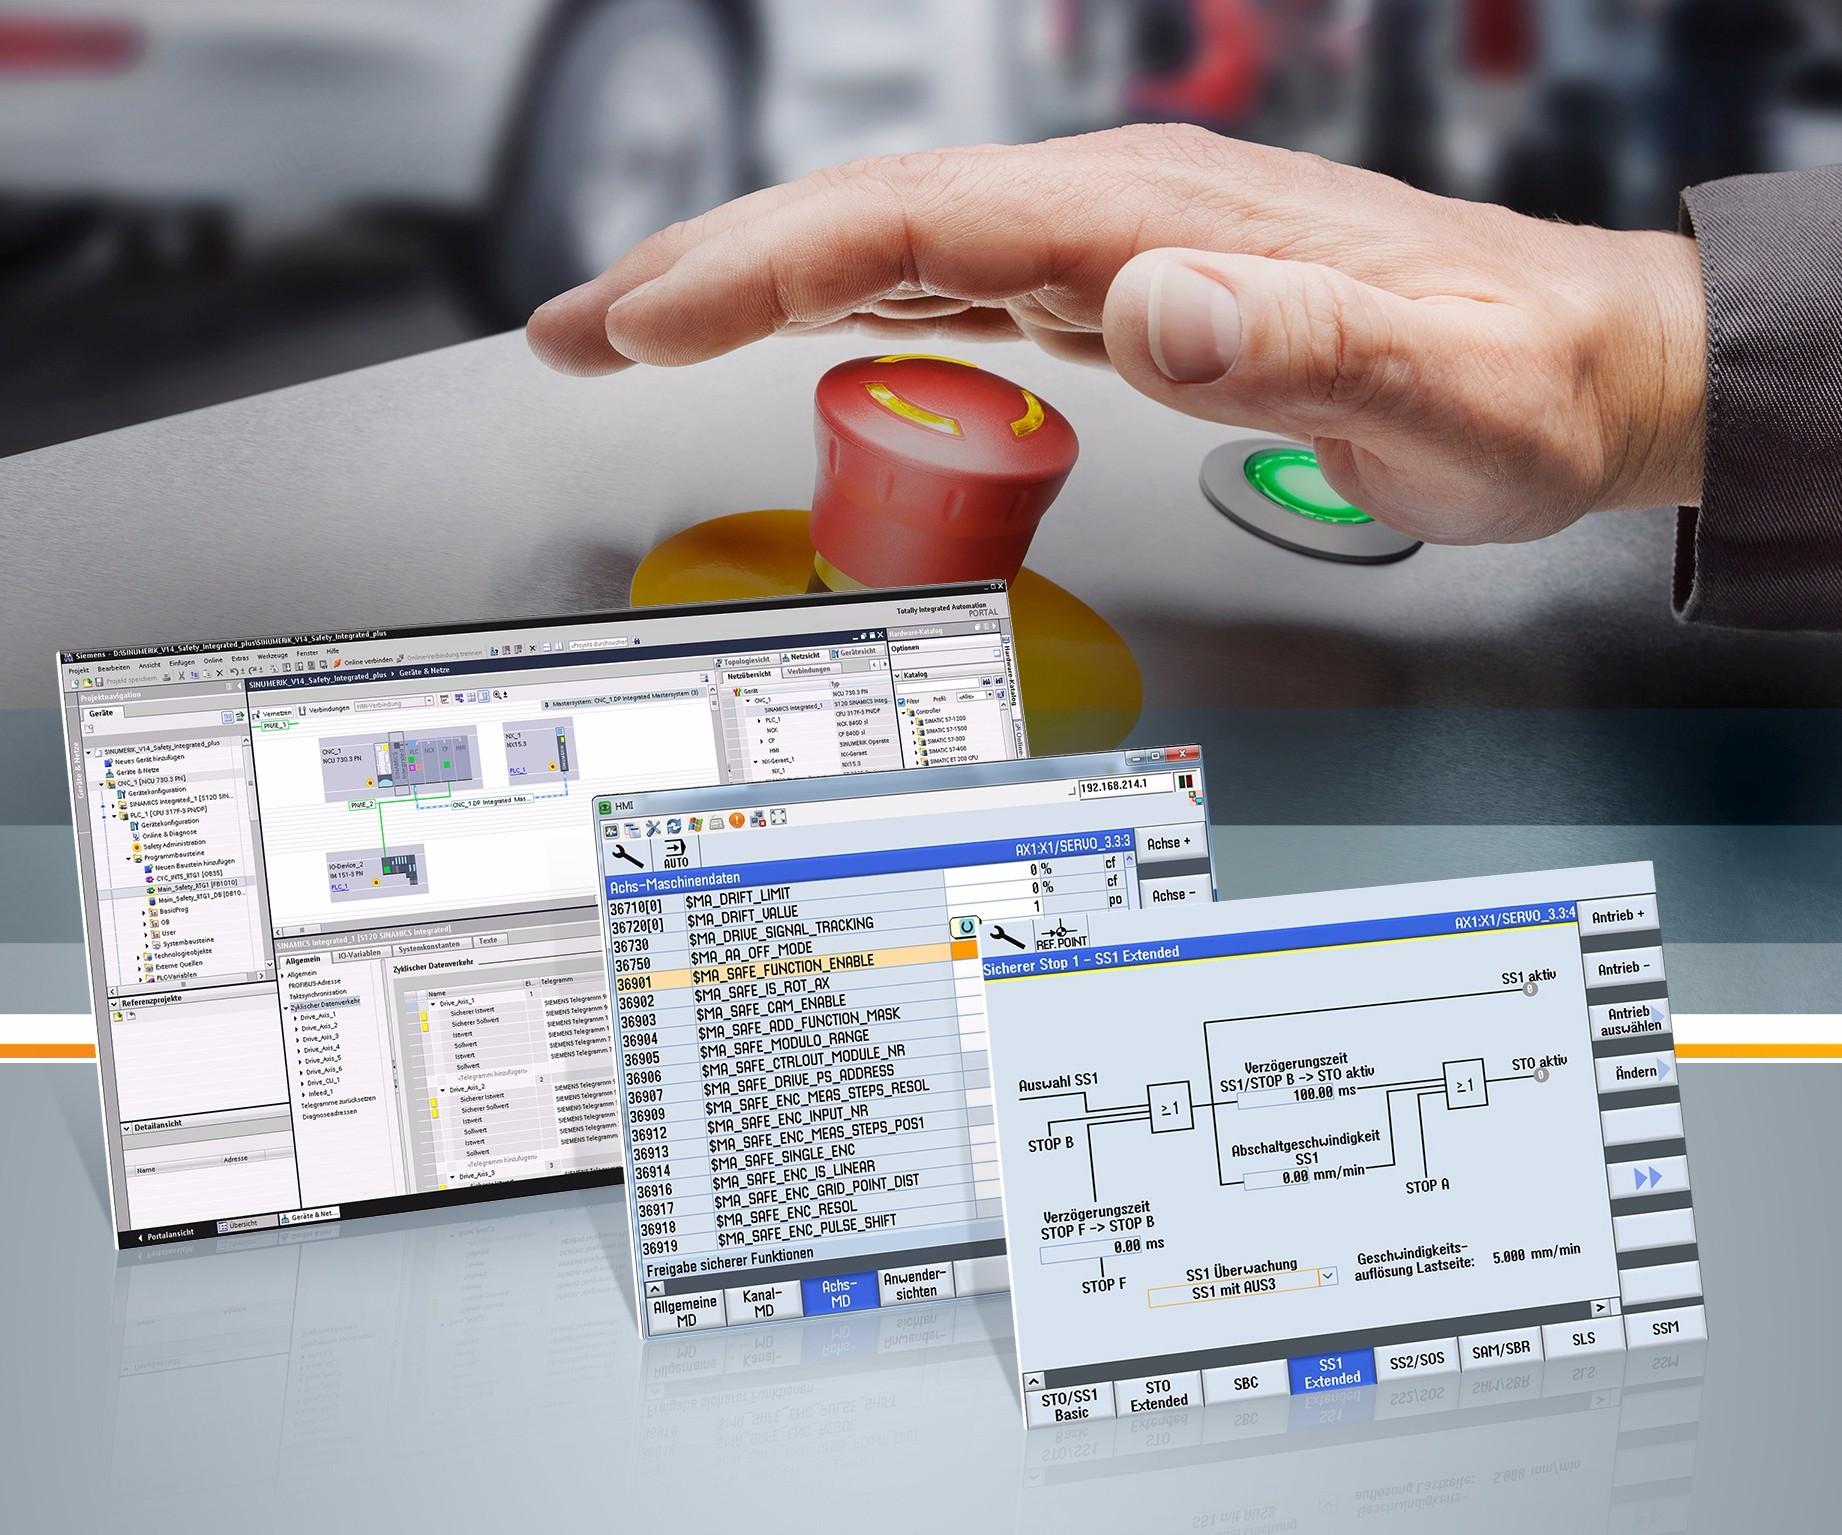 Siemens' Sinumerik 4.8 CNC software